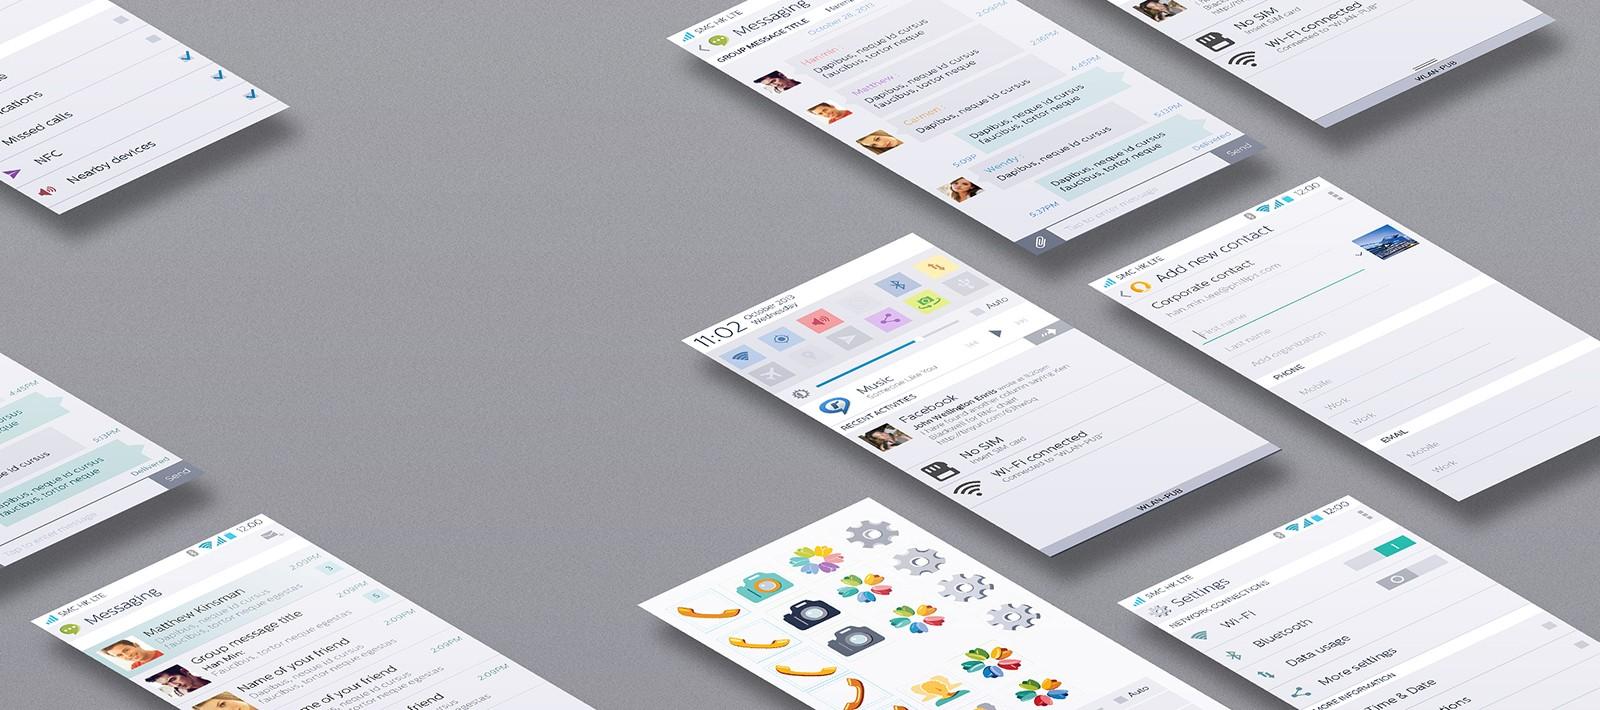 Woox-tech-user-interface-design-2